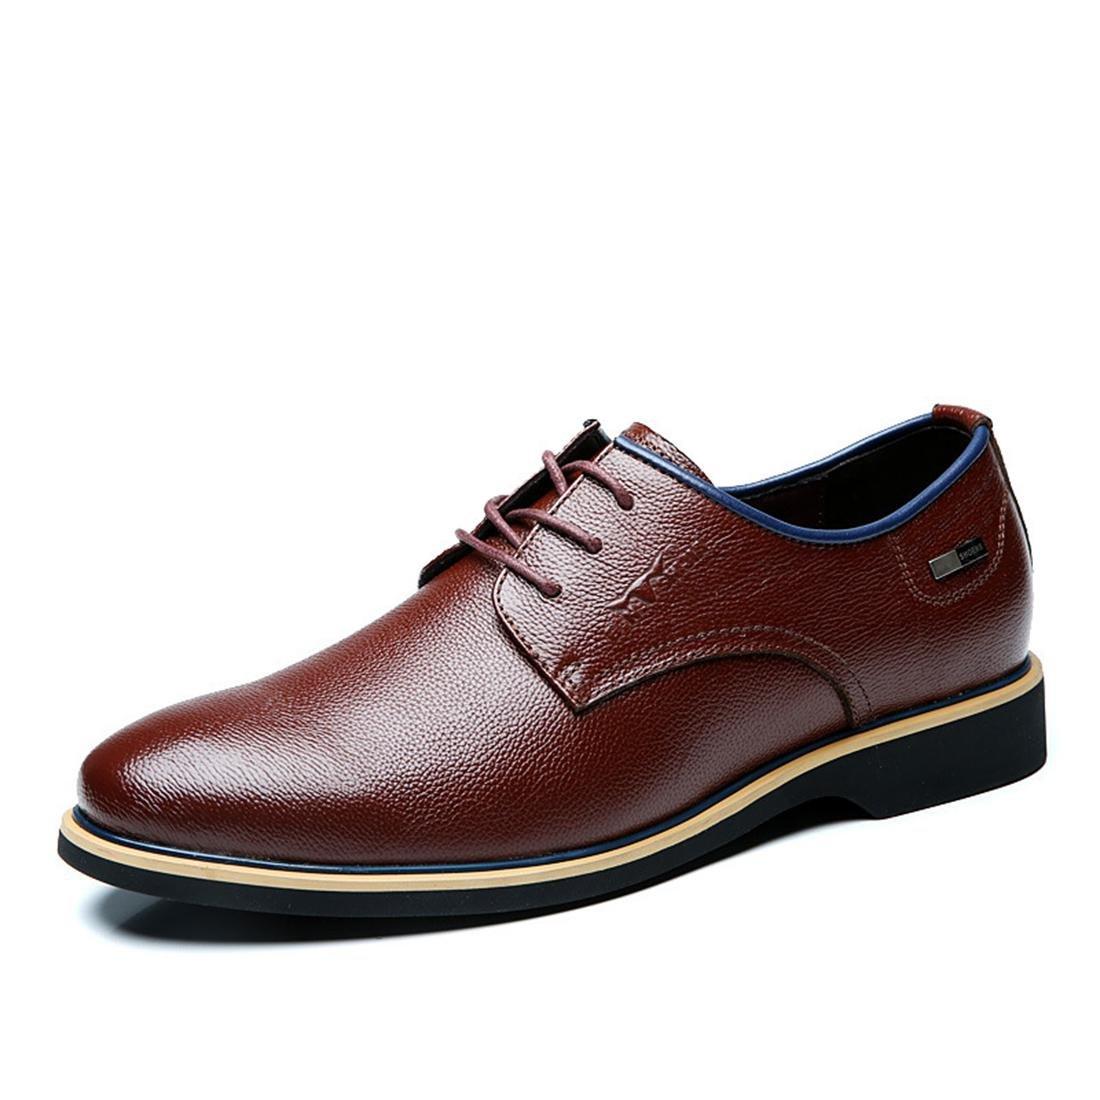 Herren Mode Geschäft Lederschuhe Geschäft Formelle Kleidung Flache Schuhe Rutschfest Gemütlich Spitz EUR GRÖSSE 38-44